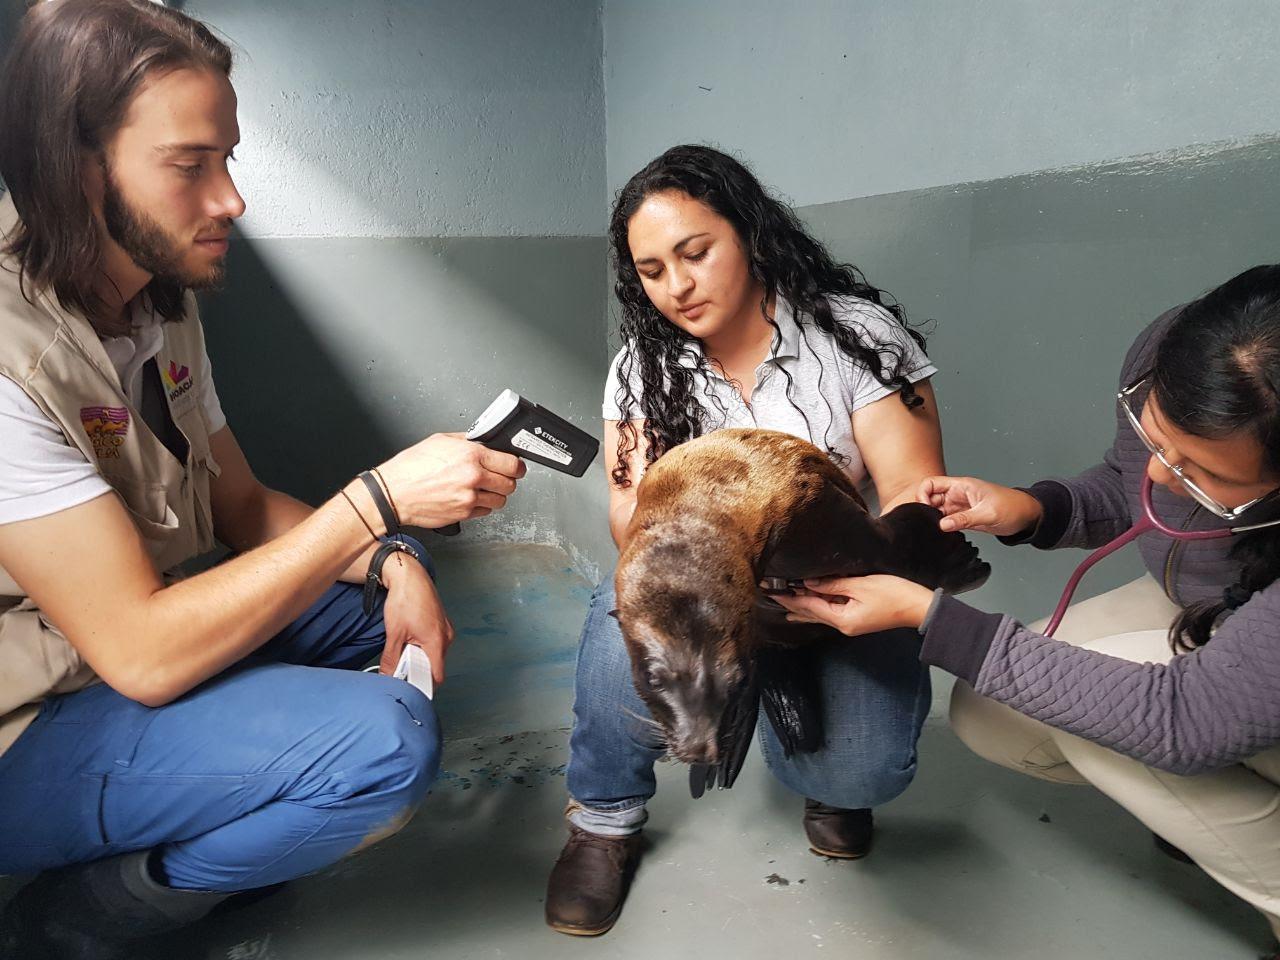 El lobo marino que abandonaron en calles de Morelia ya es trasladado a su hábitat después de ser atendido por personal del Zoológico de Morelia.